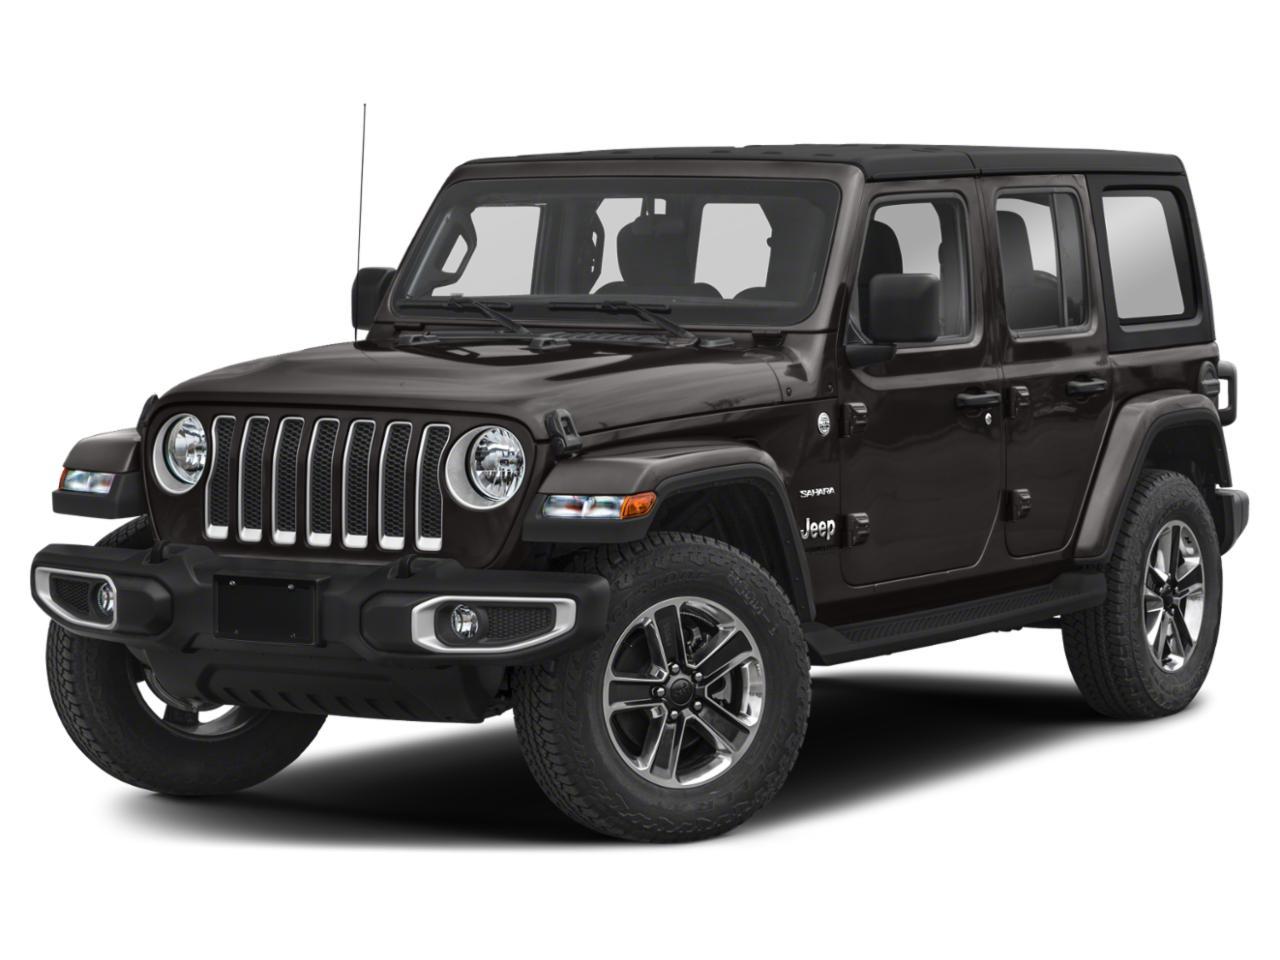 2019 Jeep Wrangler Unlimited Vehicle Photo in Washington, NJ 07882